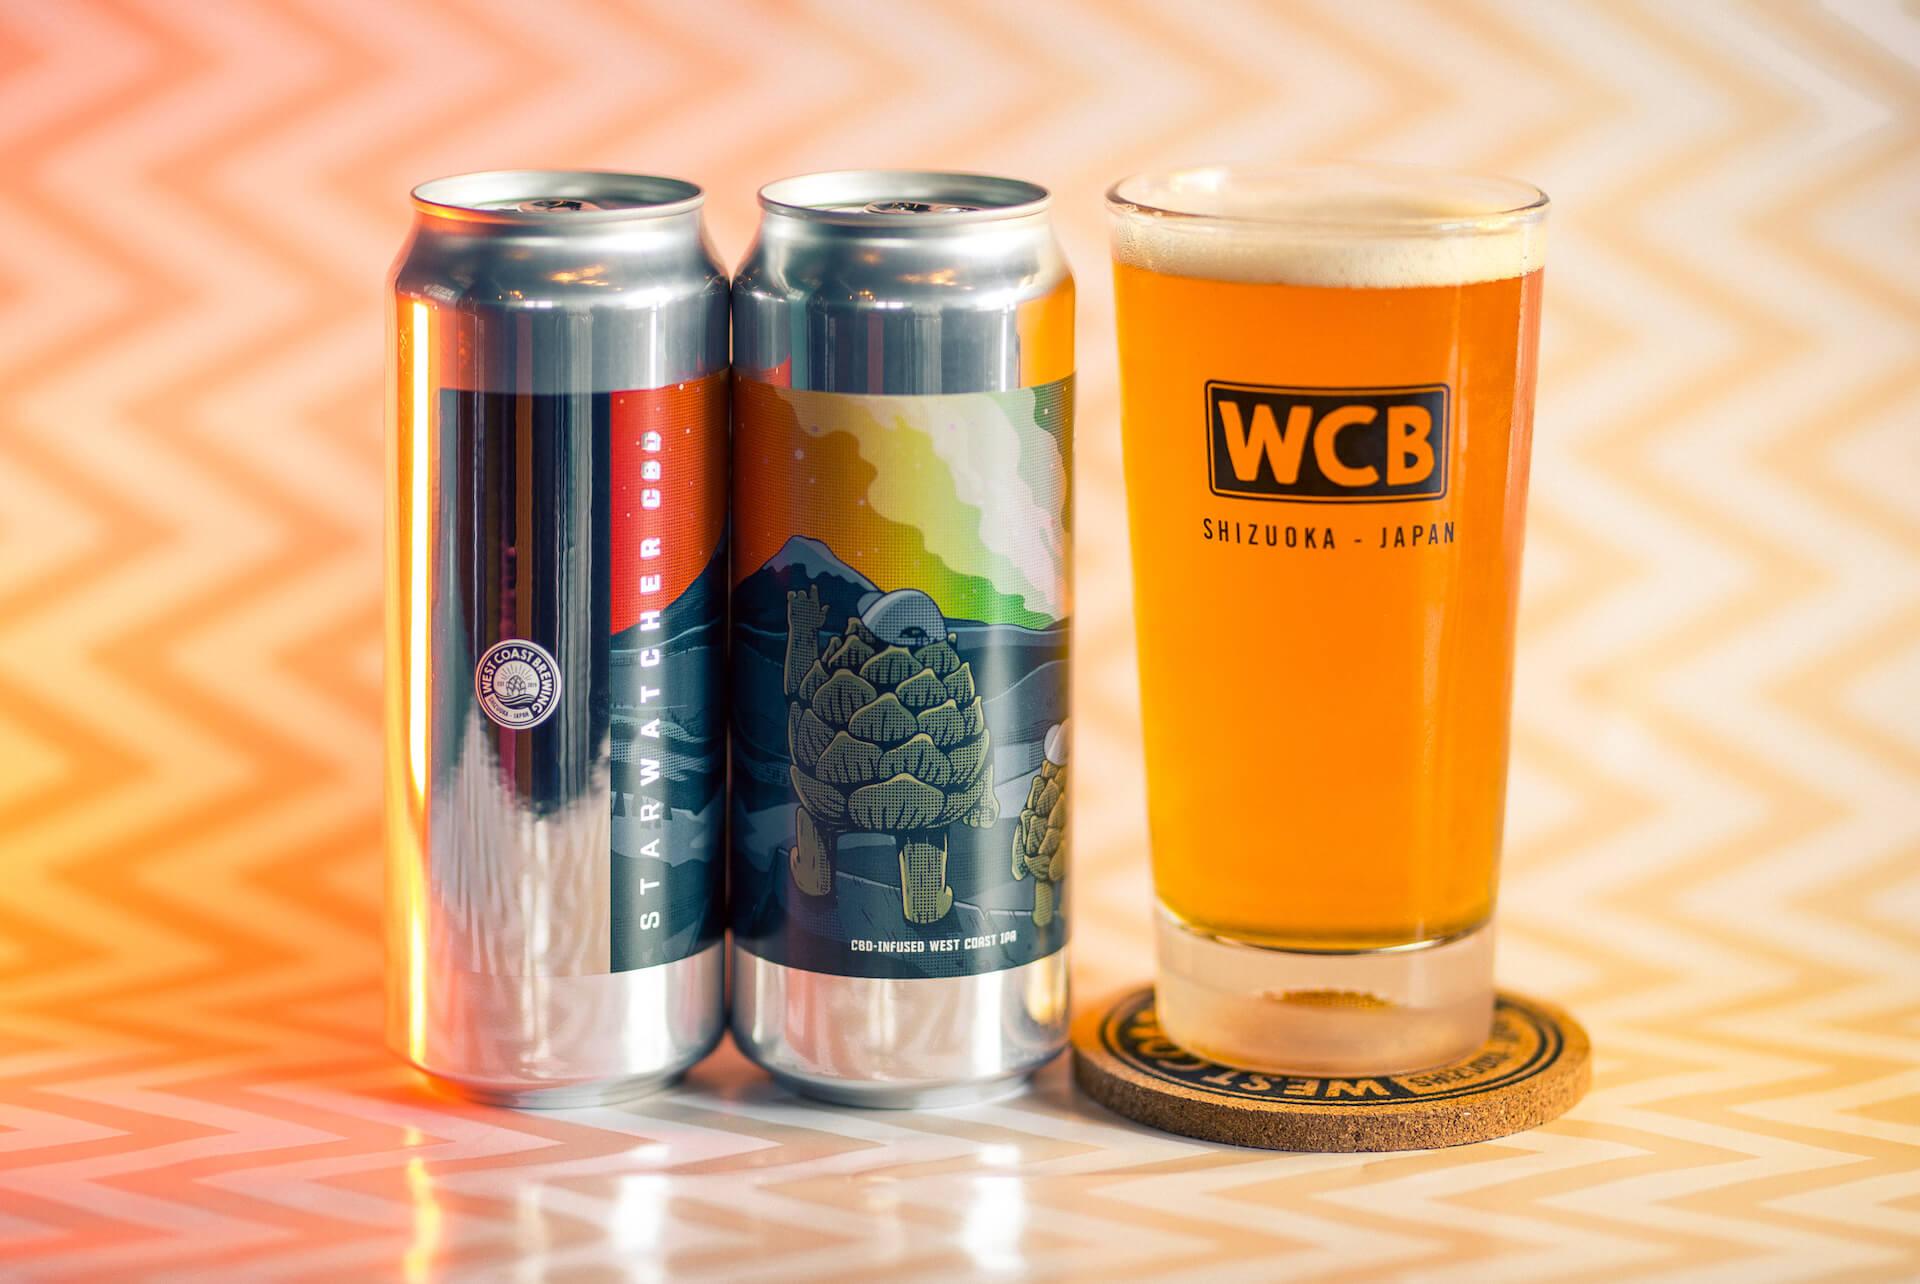 初回販売分即完売で話題のCBD入りビール『Starwatcher CBD』が追加販売スタート! gourmet210422_westcoastbrewing-210422_2